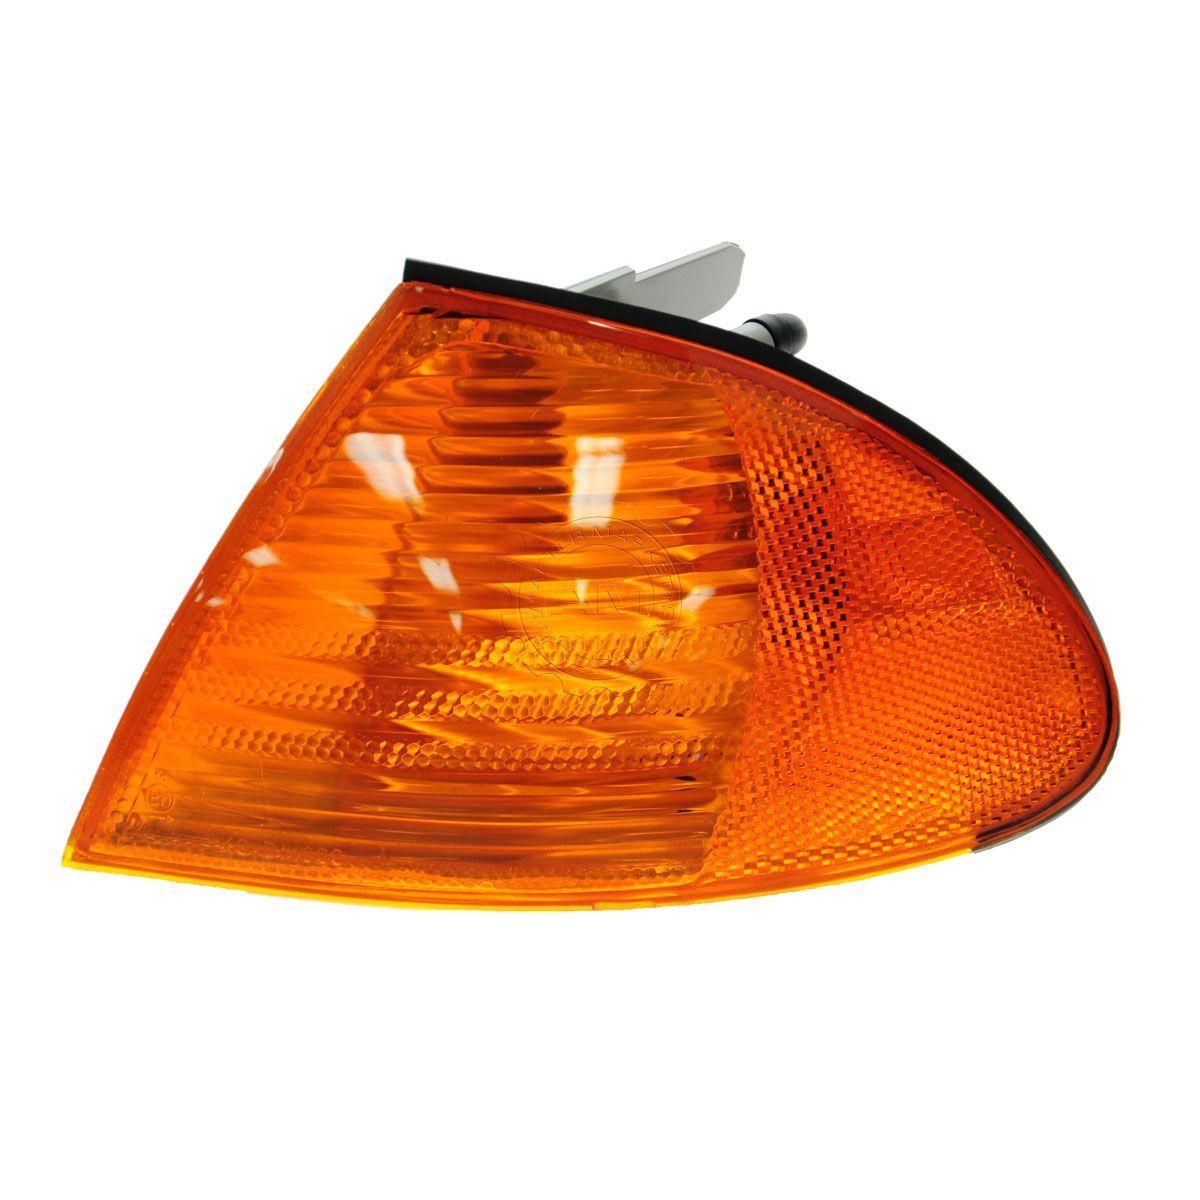 コーナーライト Corner Parking Marker Turn Signal Light Lamp Left Driver for 99-01 BMW 3 Series コーナーパーキングマーカー99-01 BMW 3シリーズ用シグナルライトランプ左ドライバ